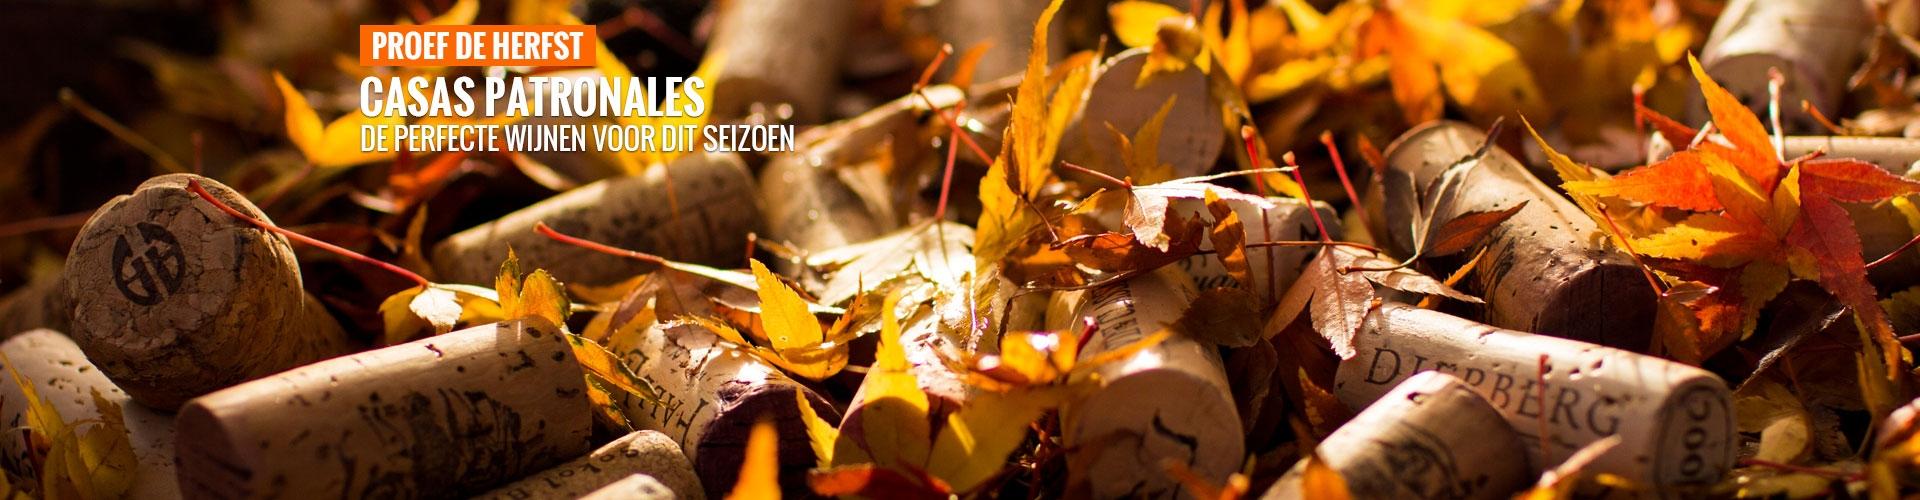 Proef de herfst